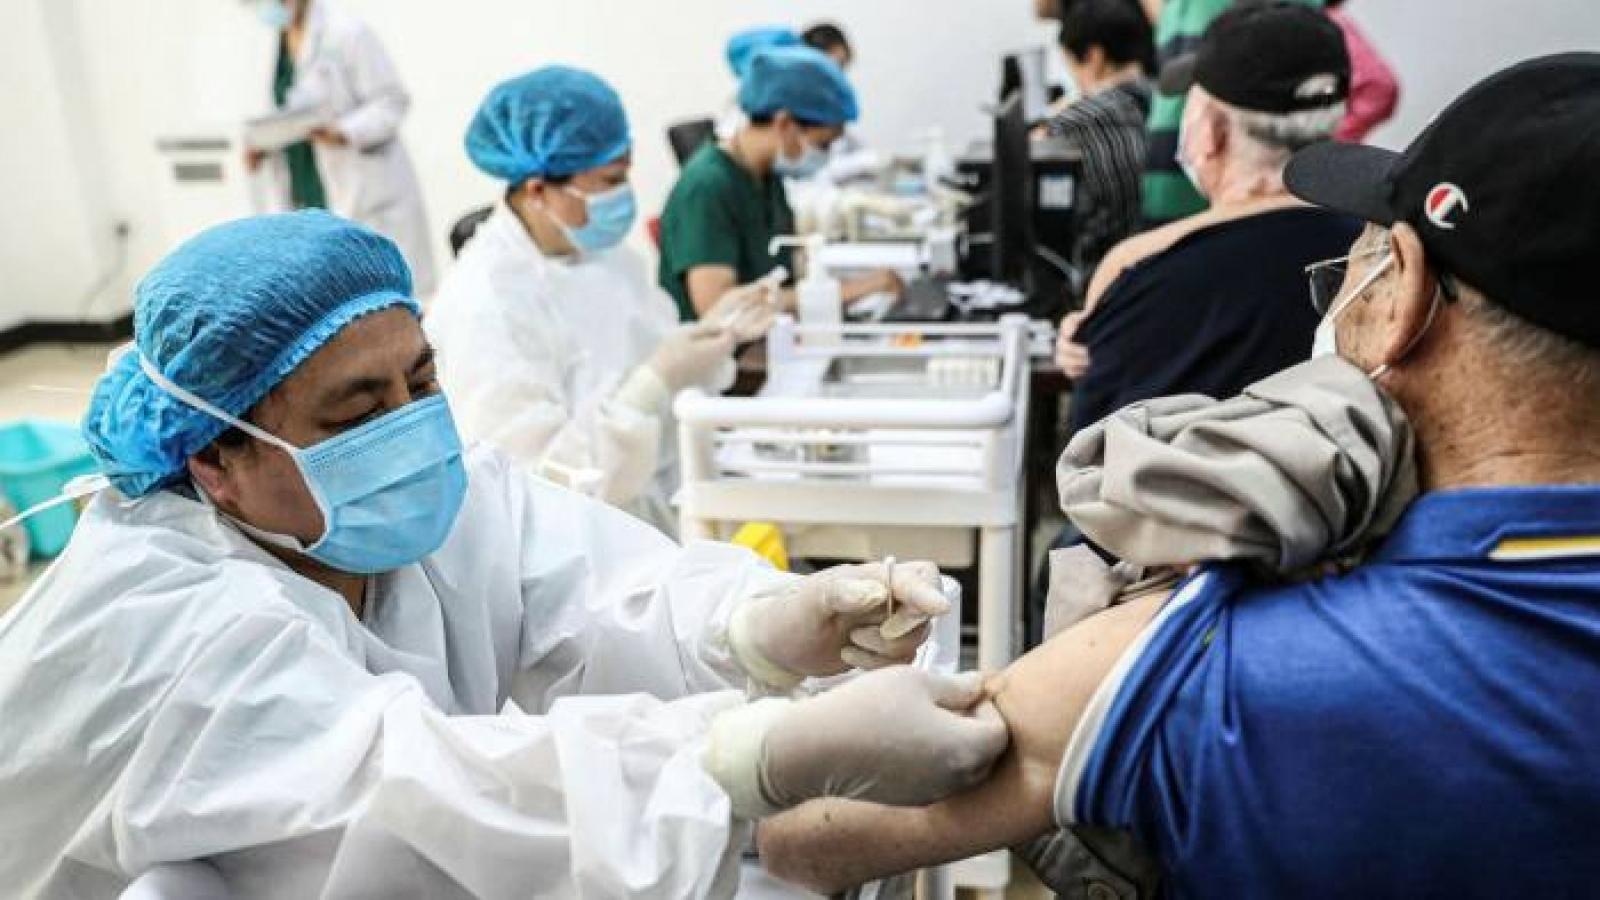 Châu Á từ hình mẫu chống dịch đến việc bị tụt hậu trong cuộc đua vaccine Covid-19